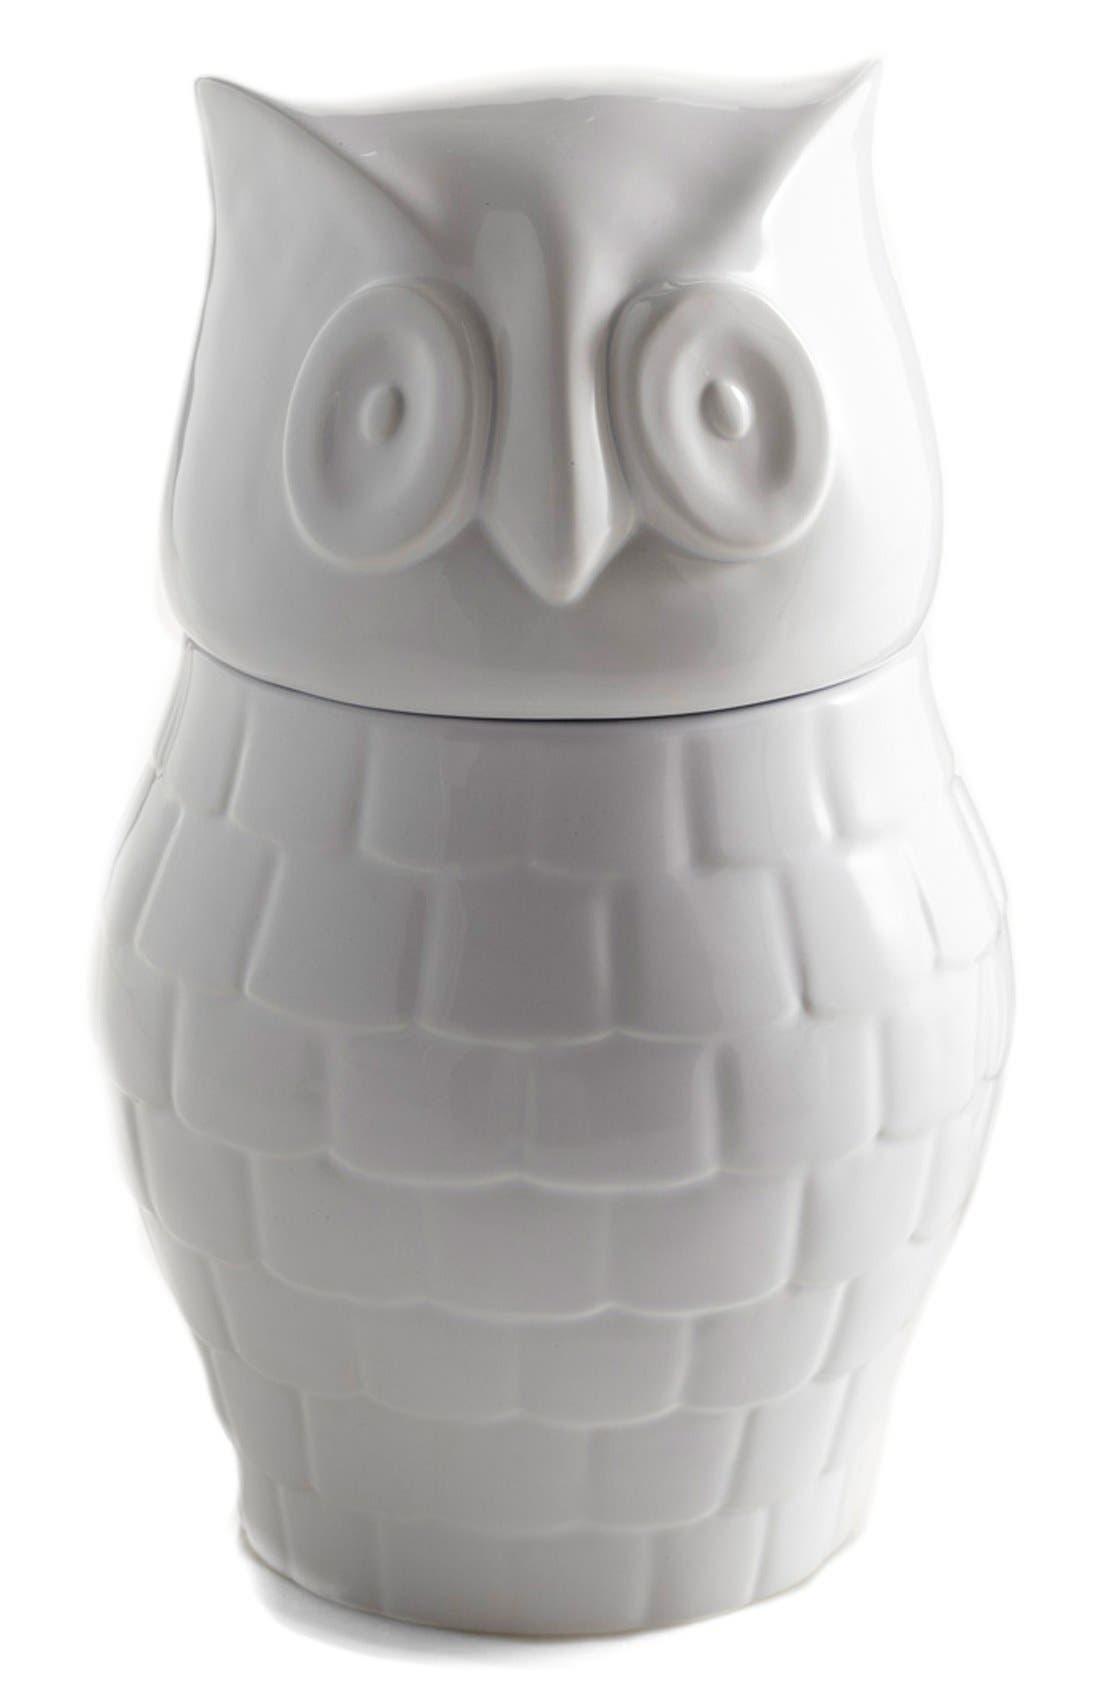 Main Image - zestt 'Hootie' Cookie Jar